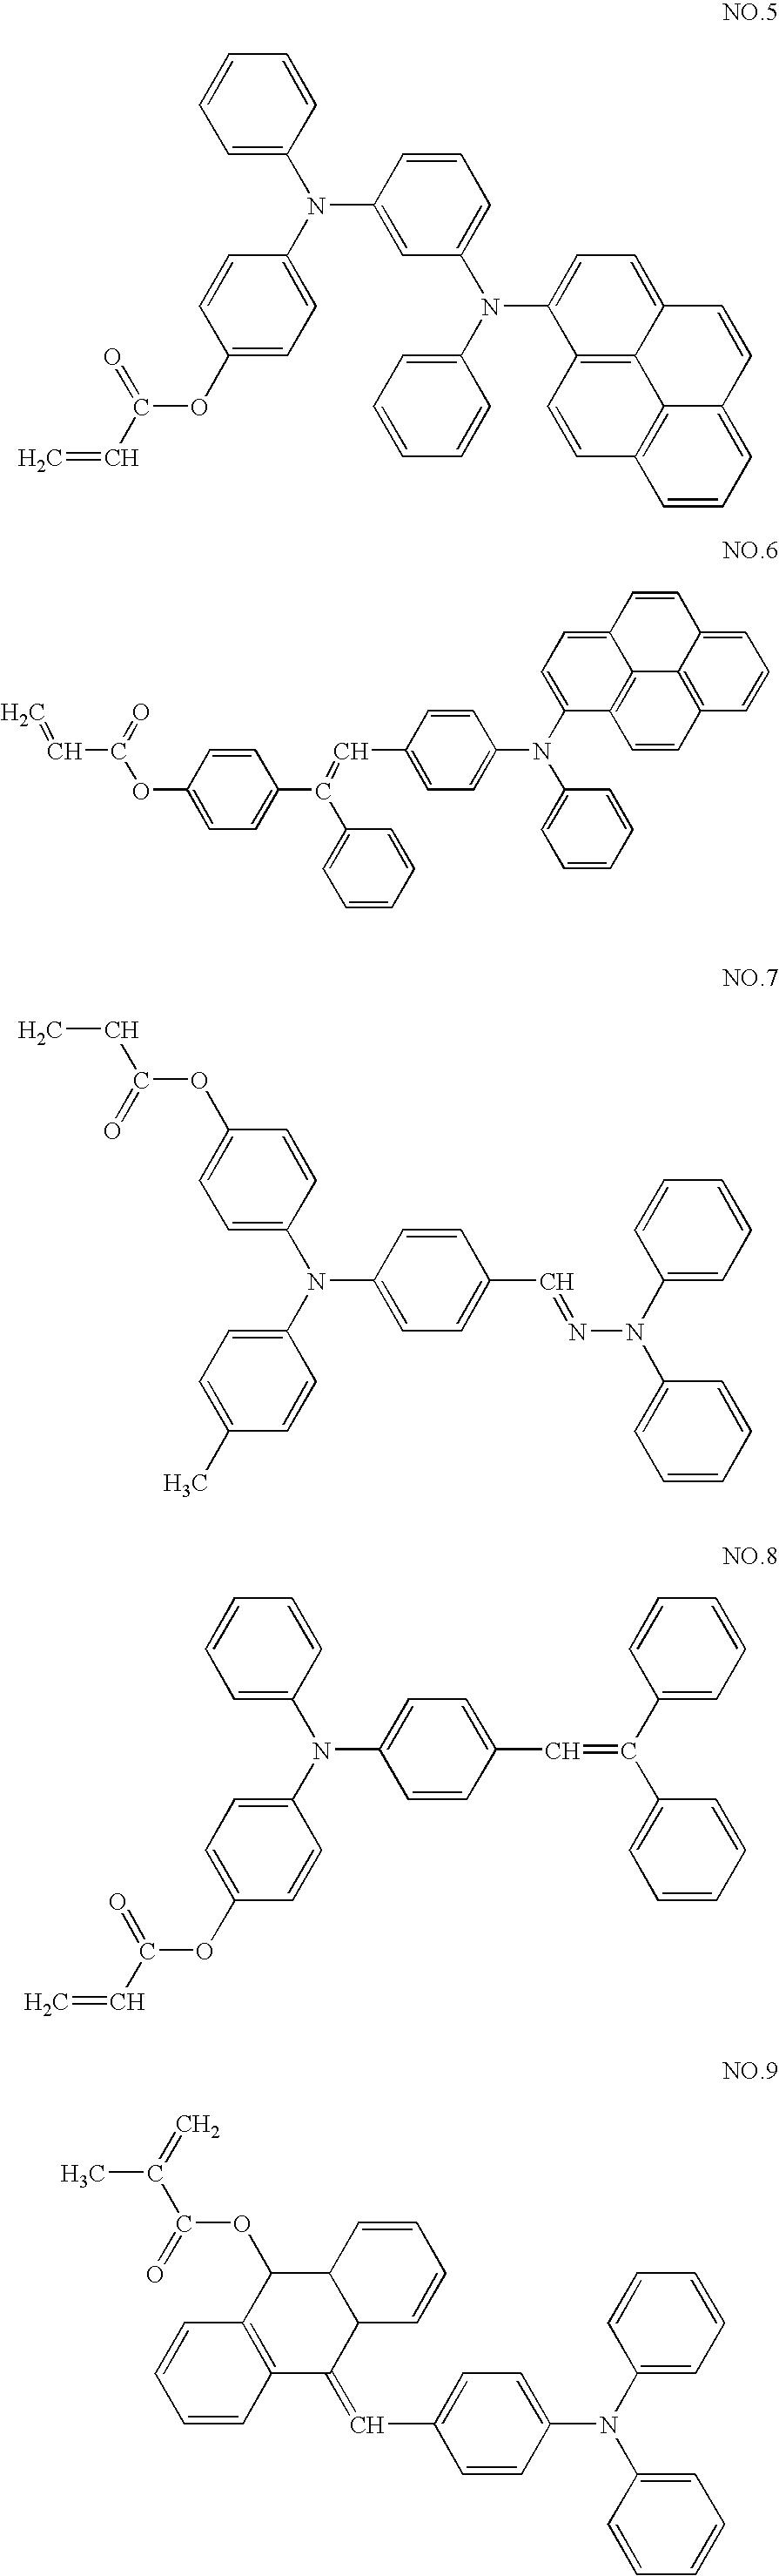 Figure US20070031746A1-20070208-C00007